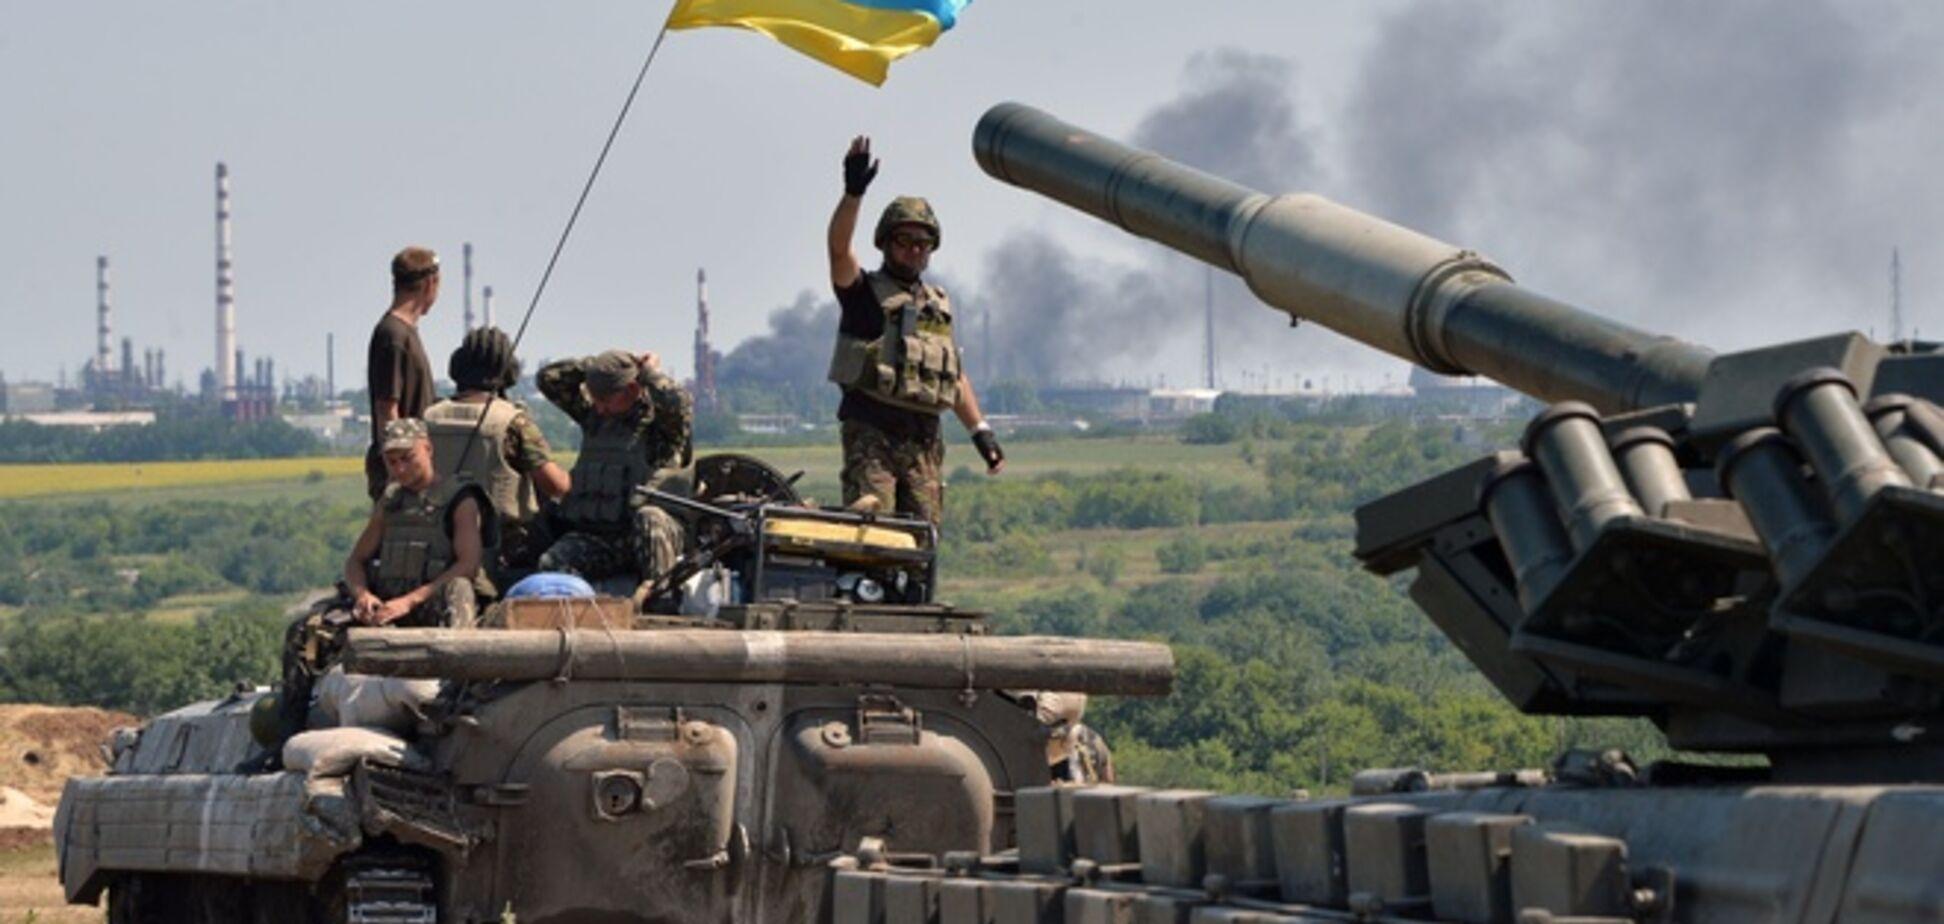 Под Мариуполем идет бой: силы АТО уничтожили танк террористов